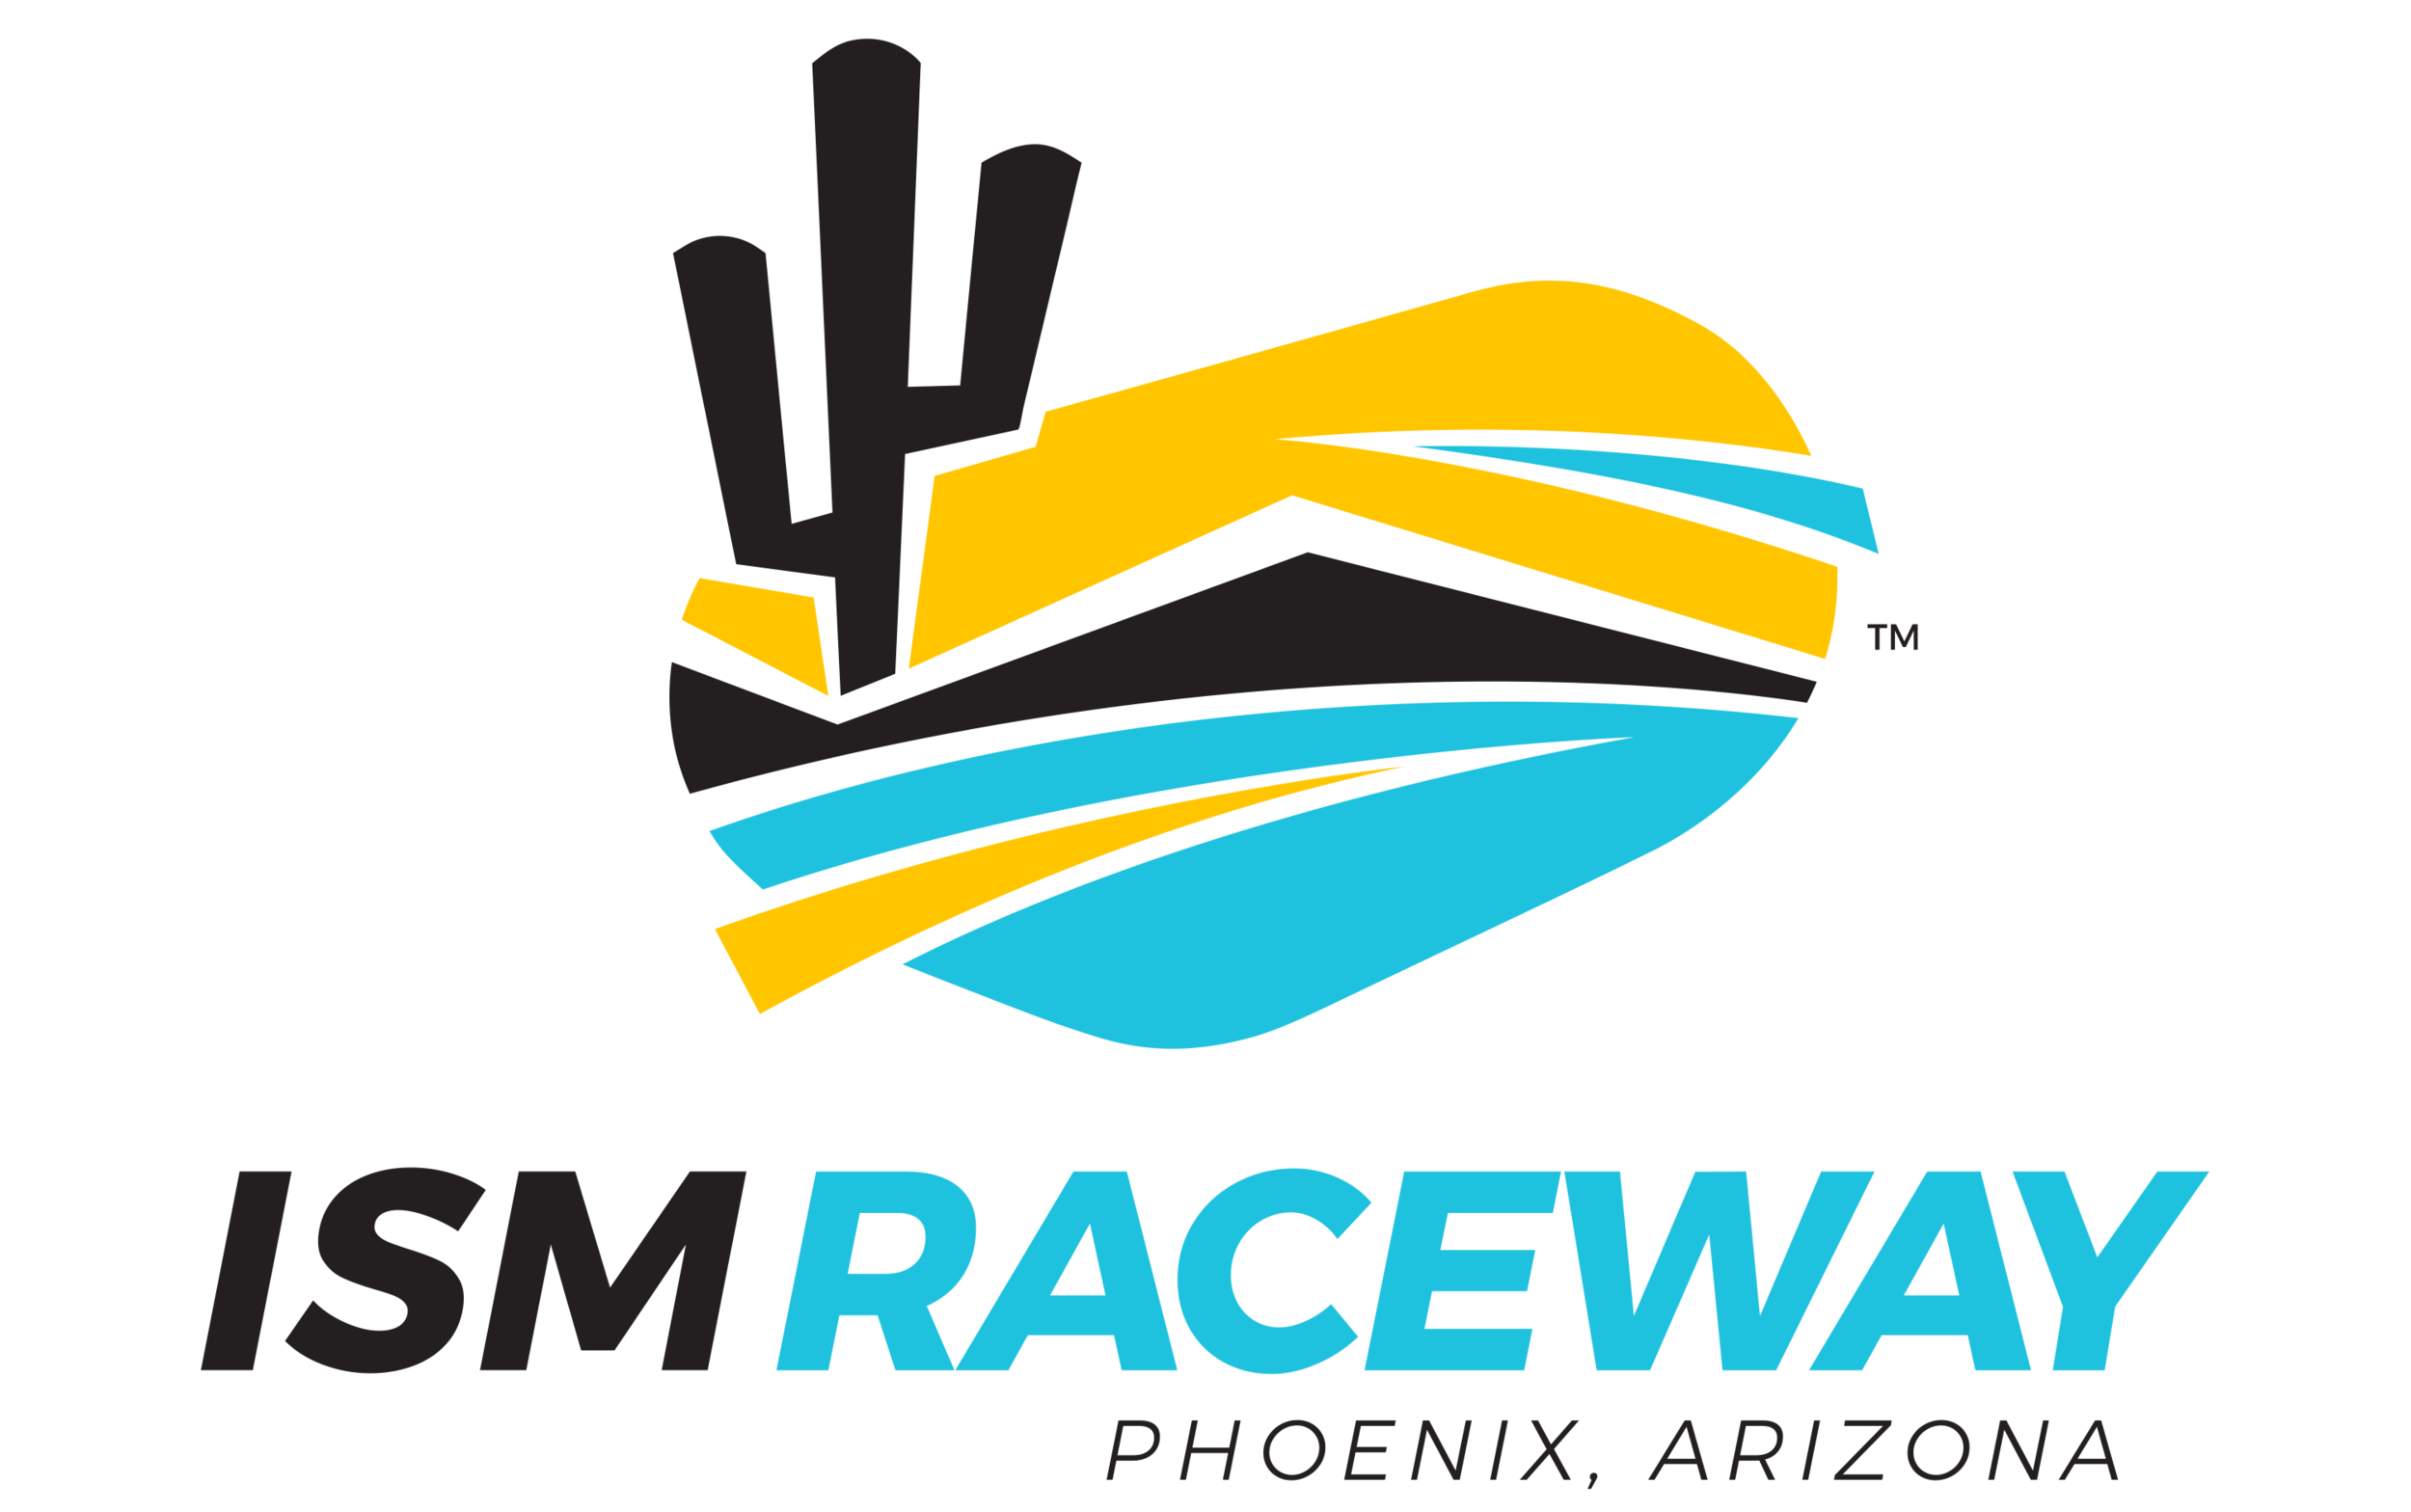 ISM Raceway.png